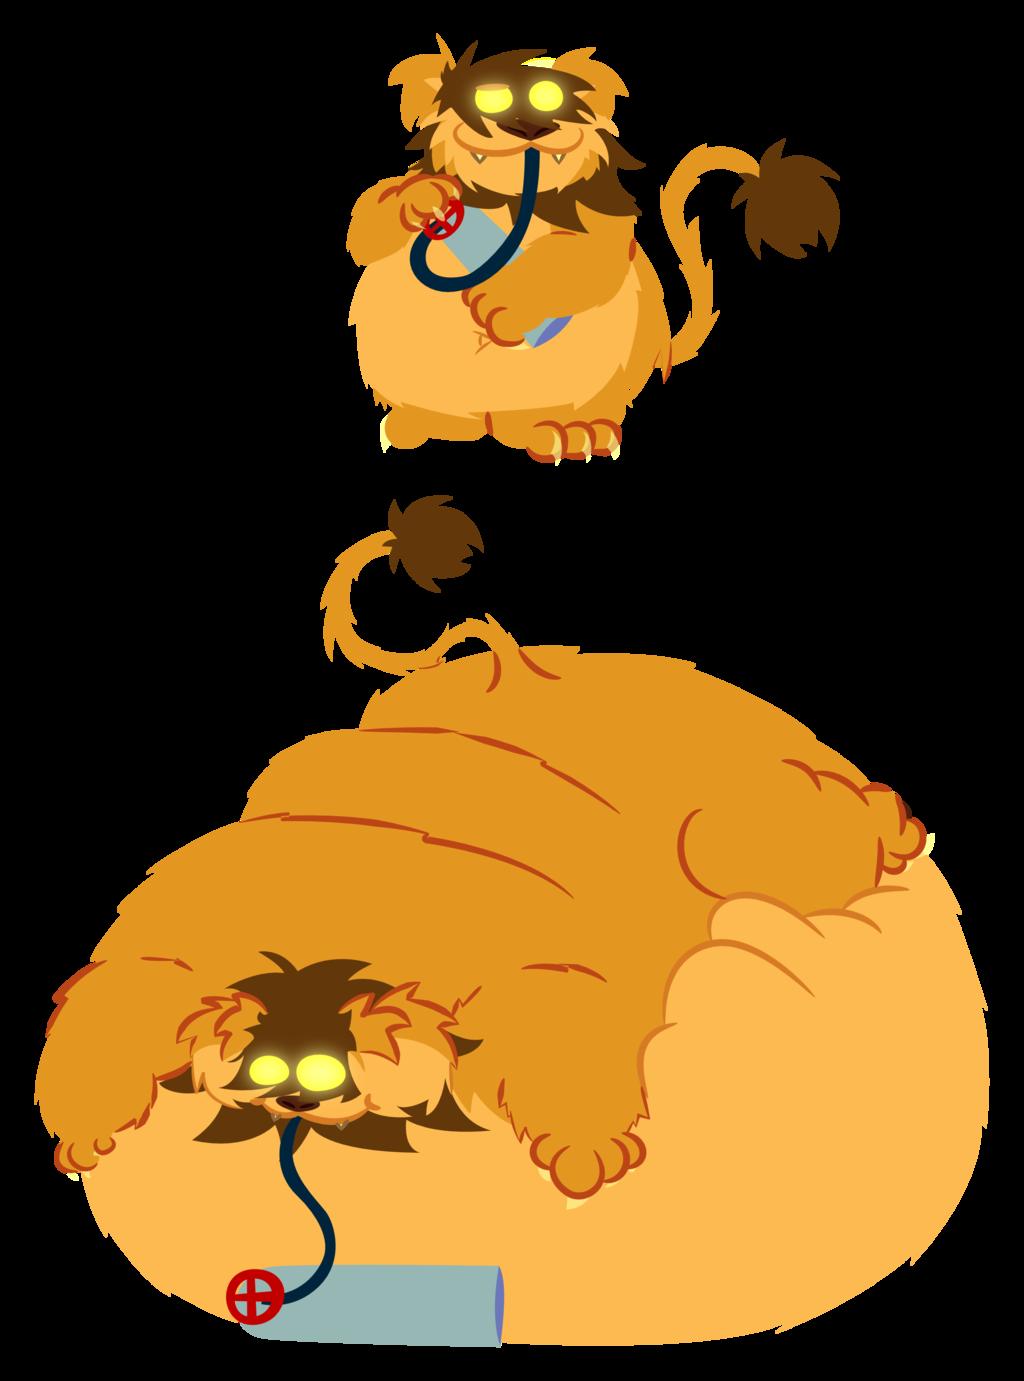 Lionbutt goes FWOOOMP